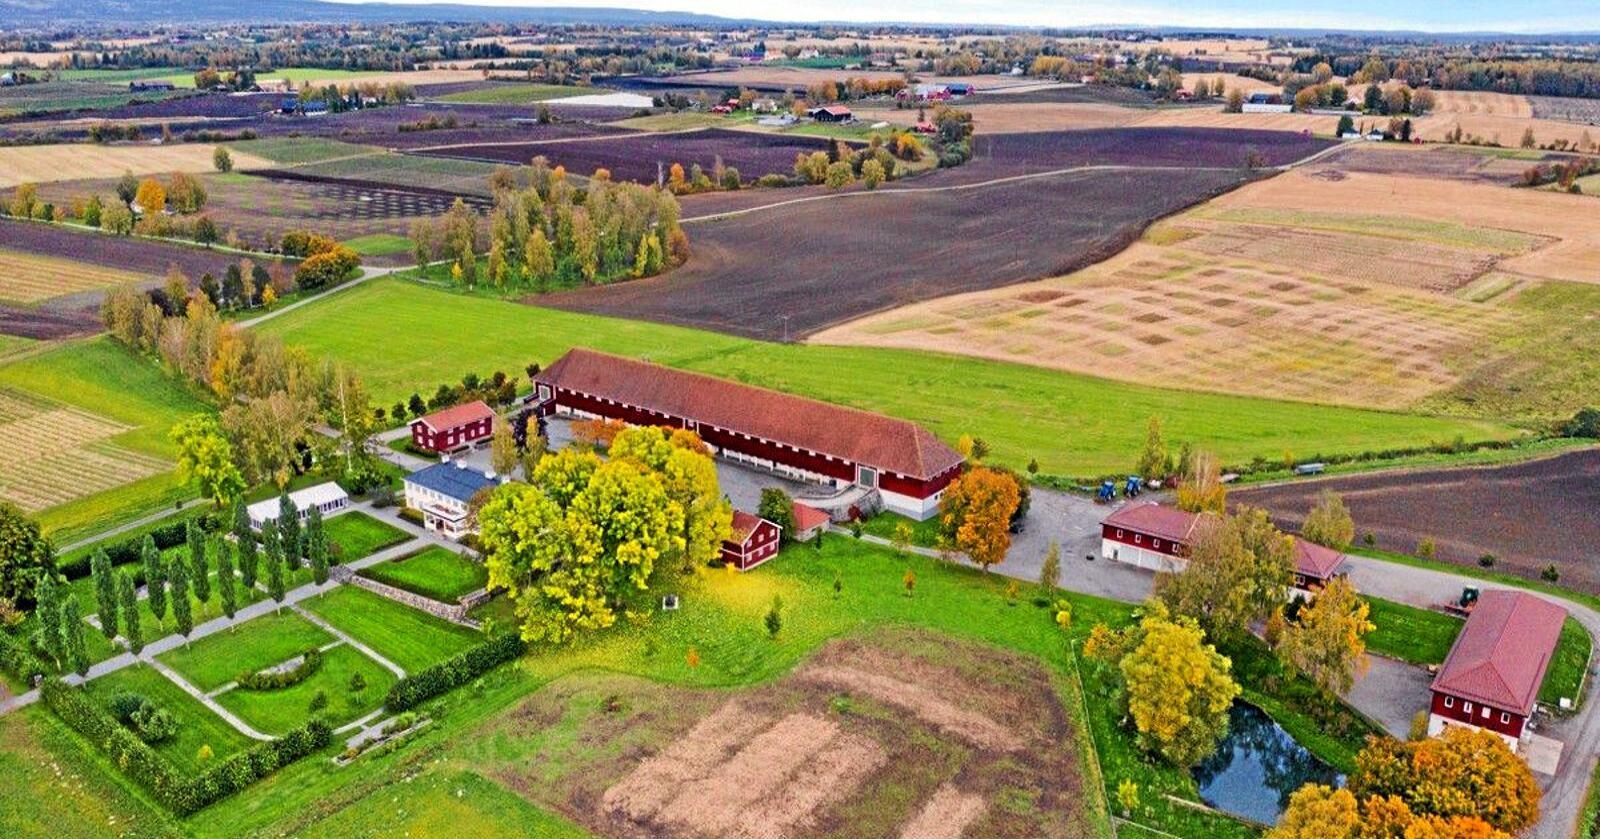 Staur Gård i Stange ble solgt i 2019. Foto: Tegneby & Grønnerød Landbruksmegling